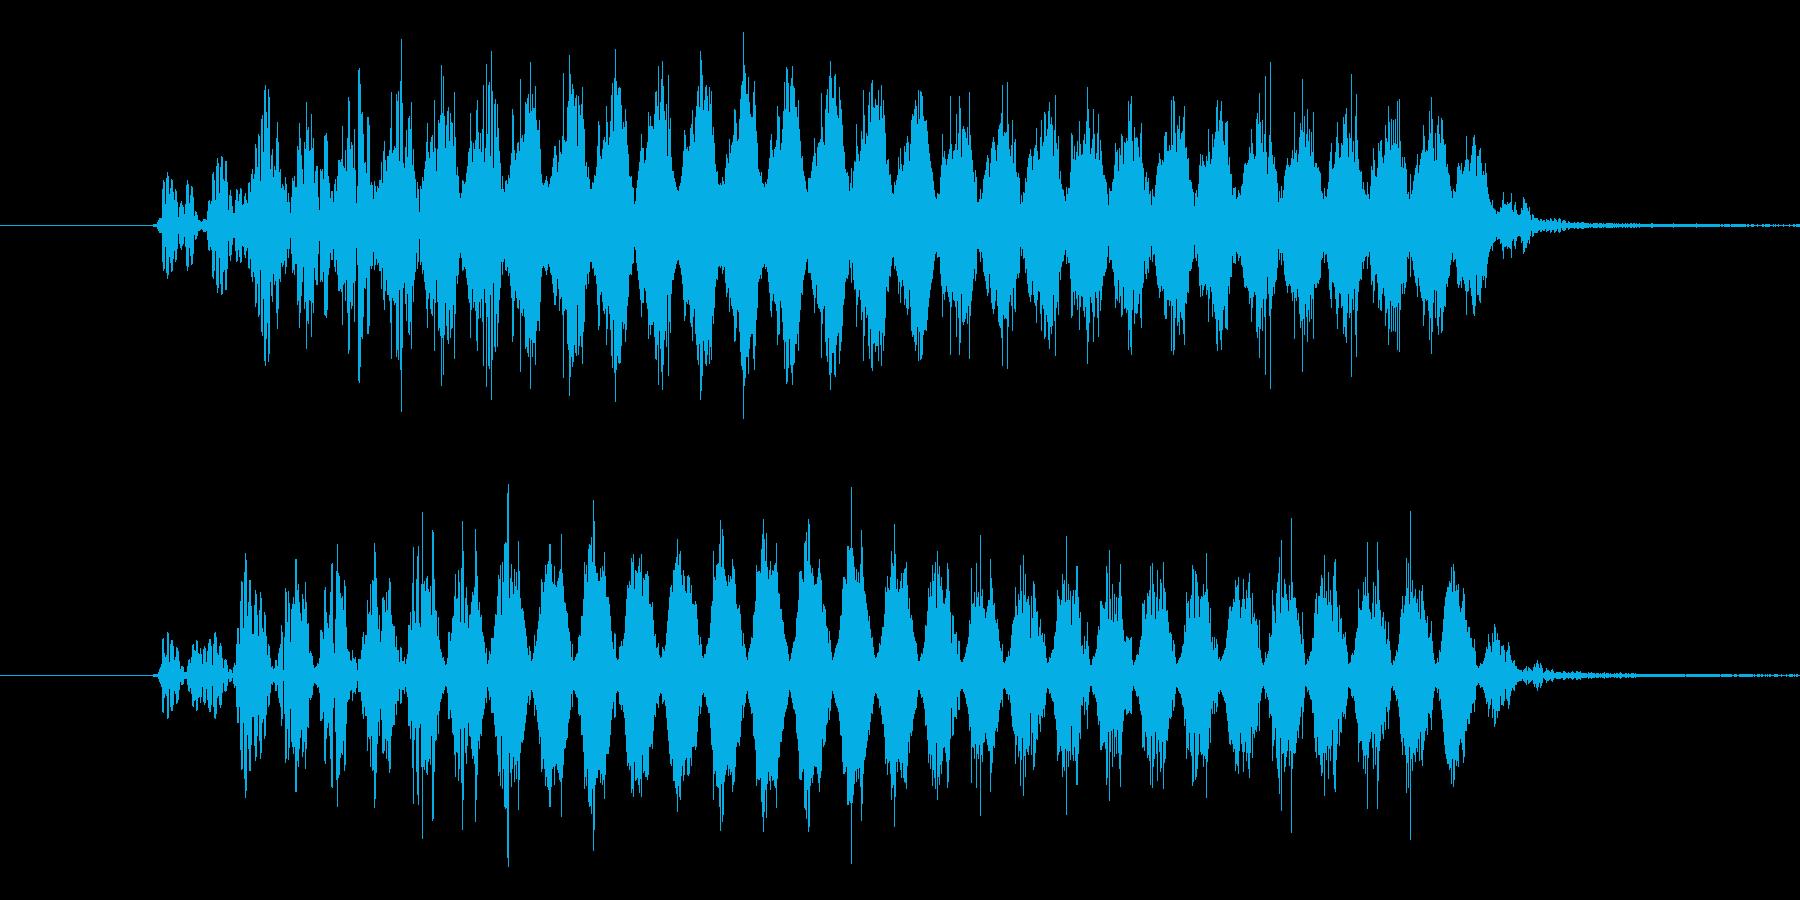 バリア音(ビューン) SE の再生済みの波形